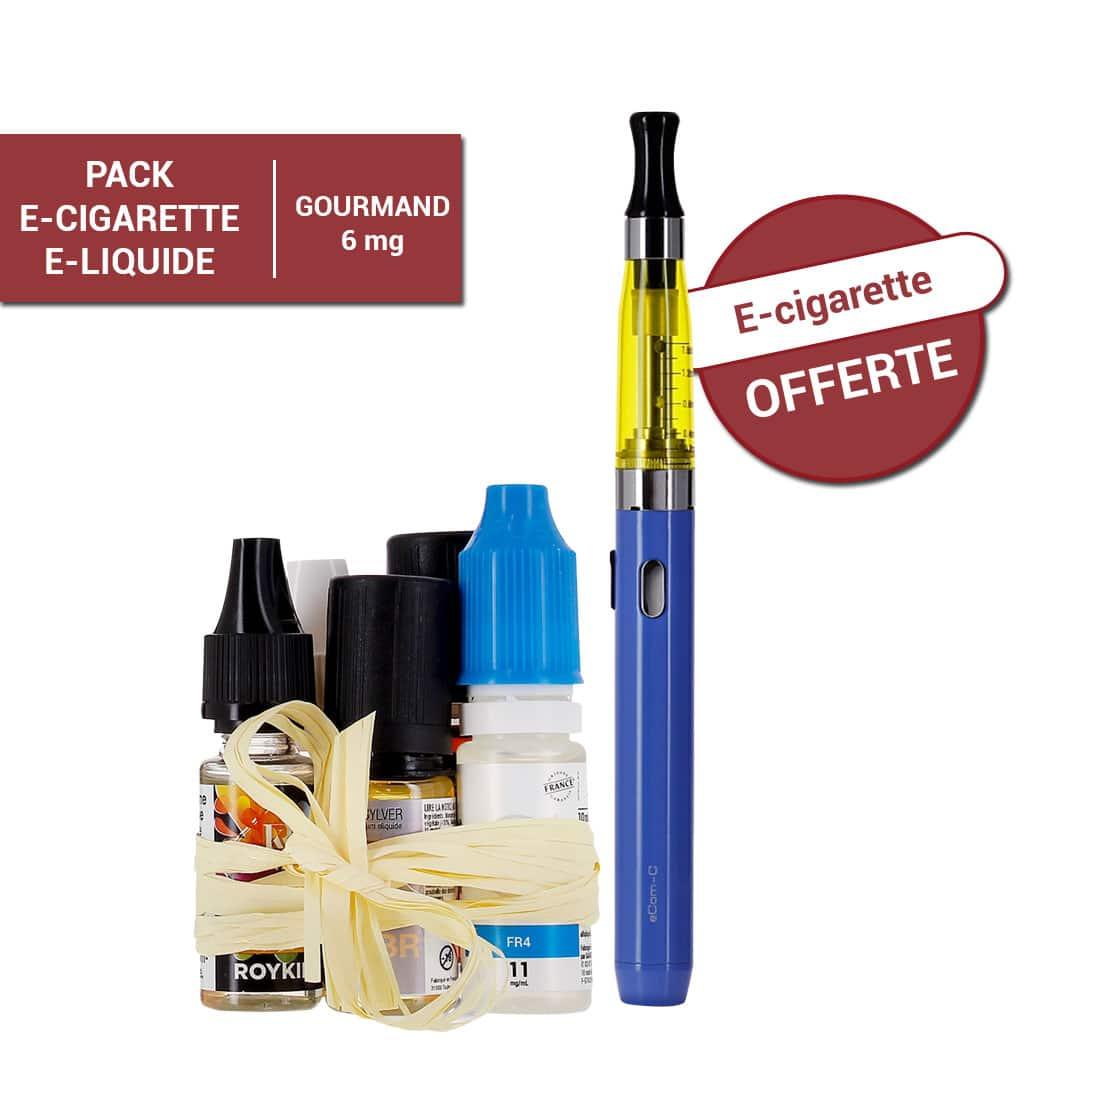 Photo de Pack e-cigarette e-liquide 6 mg Gourmand